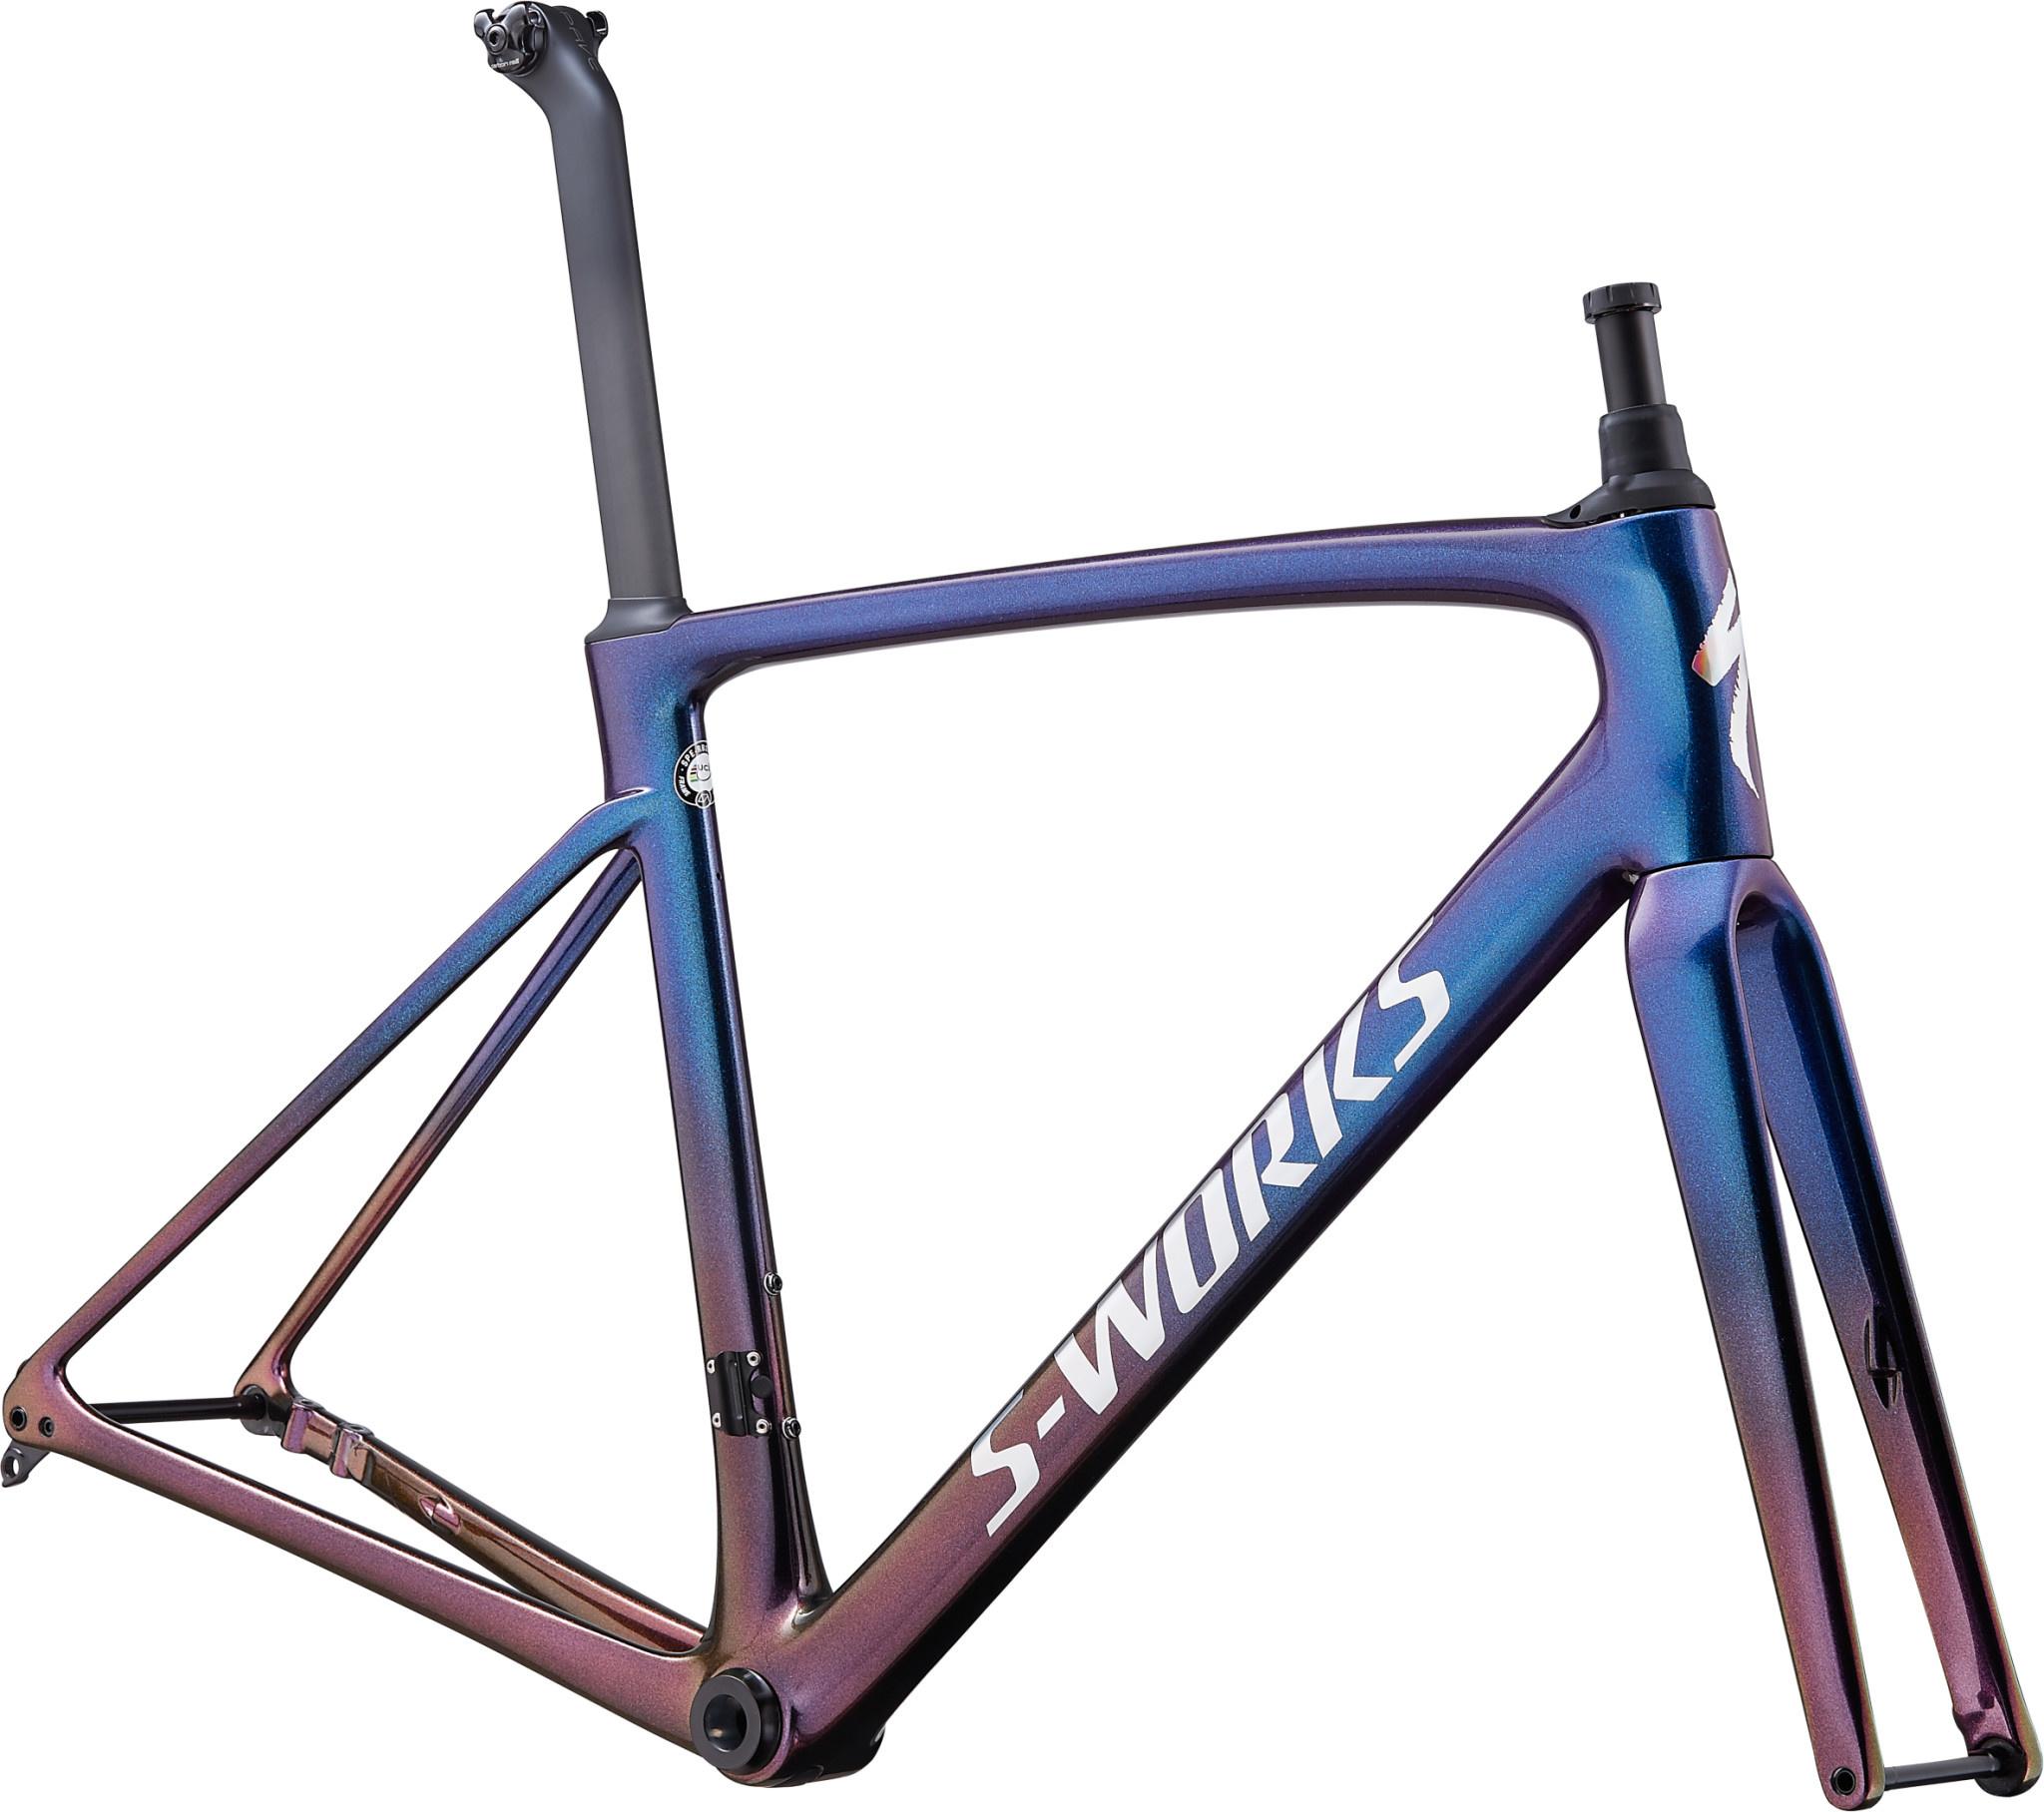 Specialized 2020 Roubaix S-Works Frmset